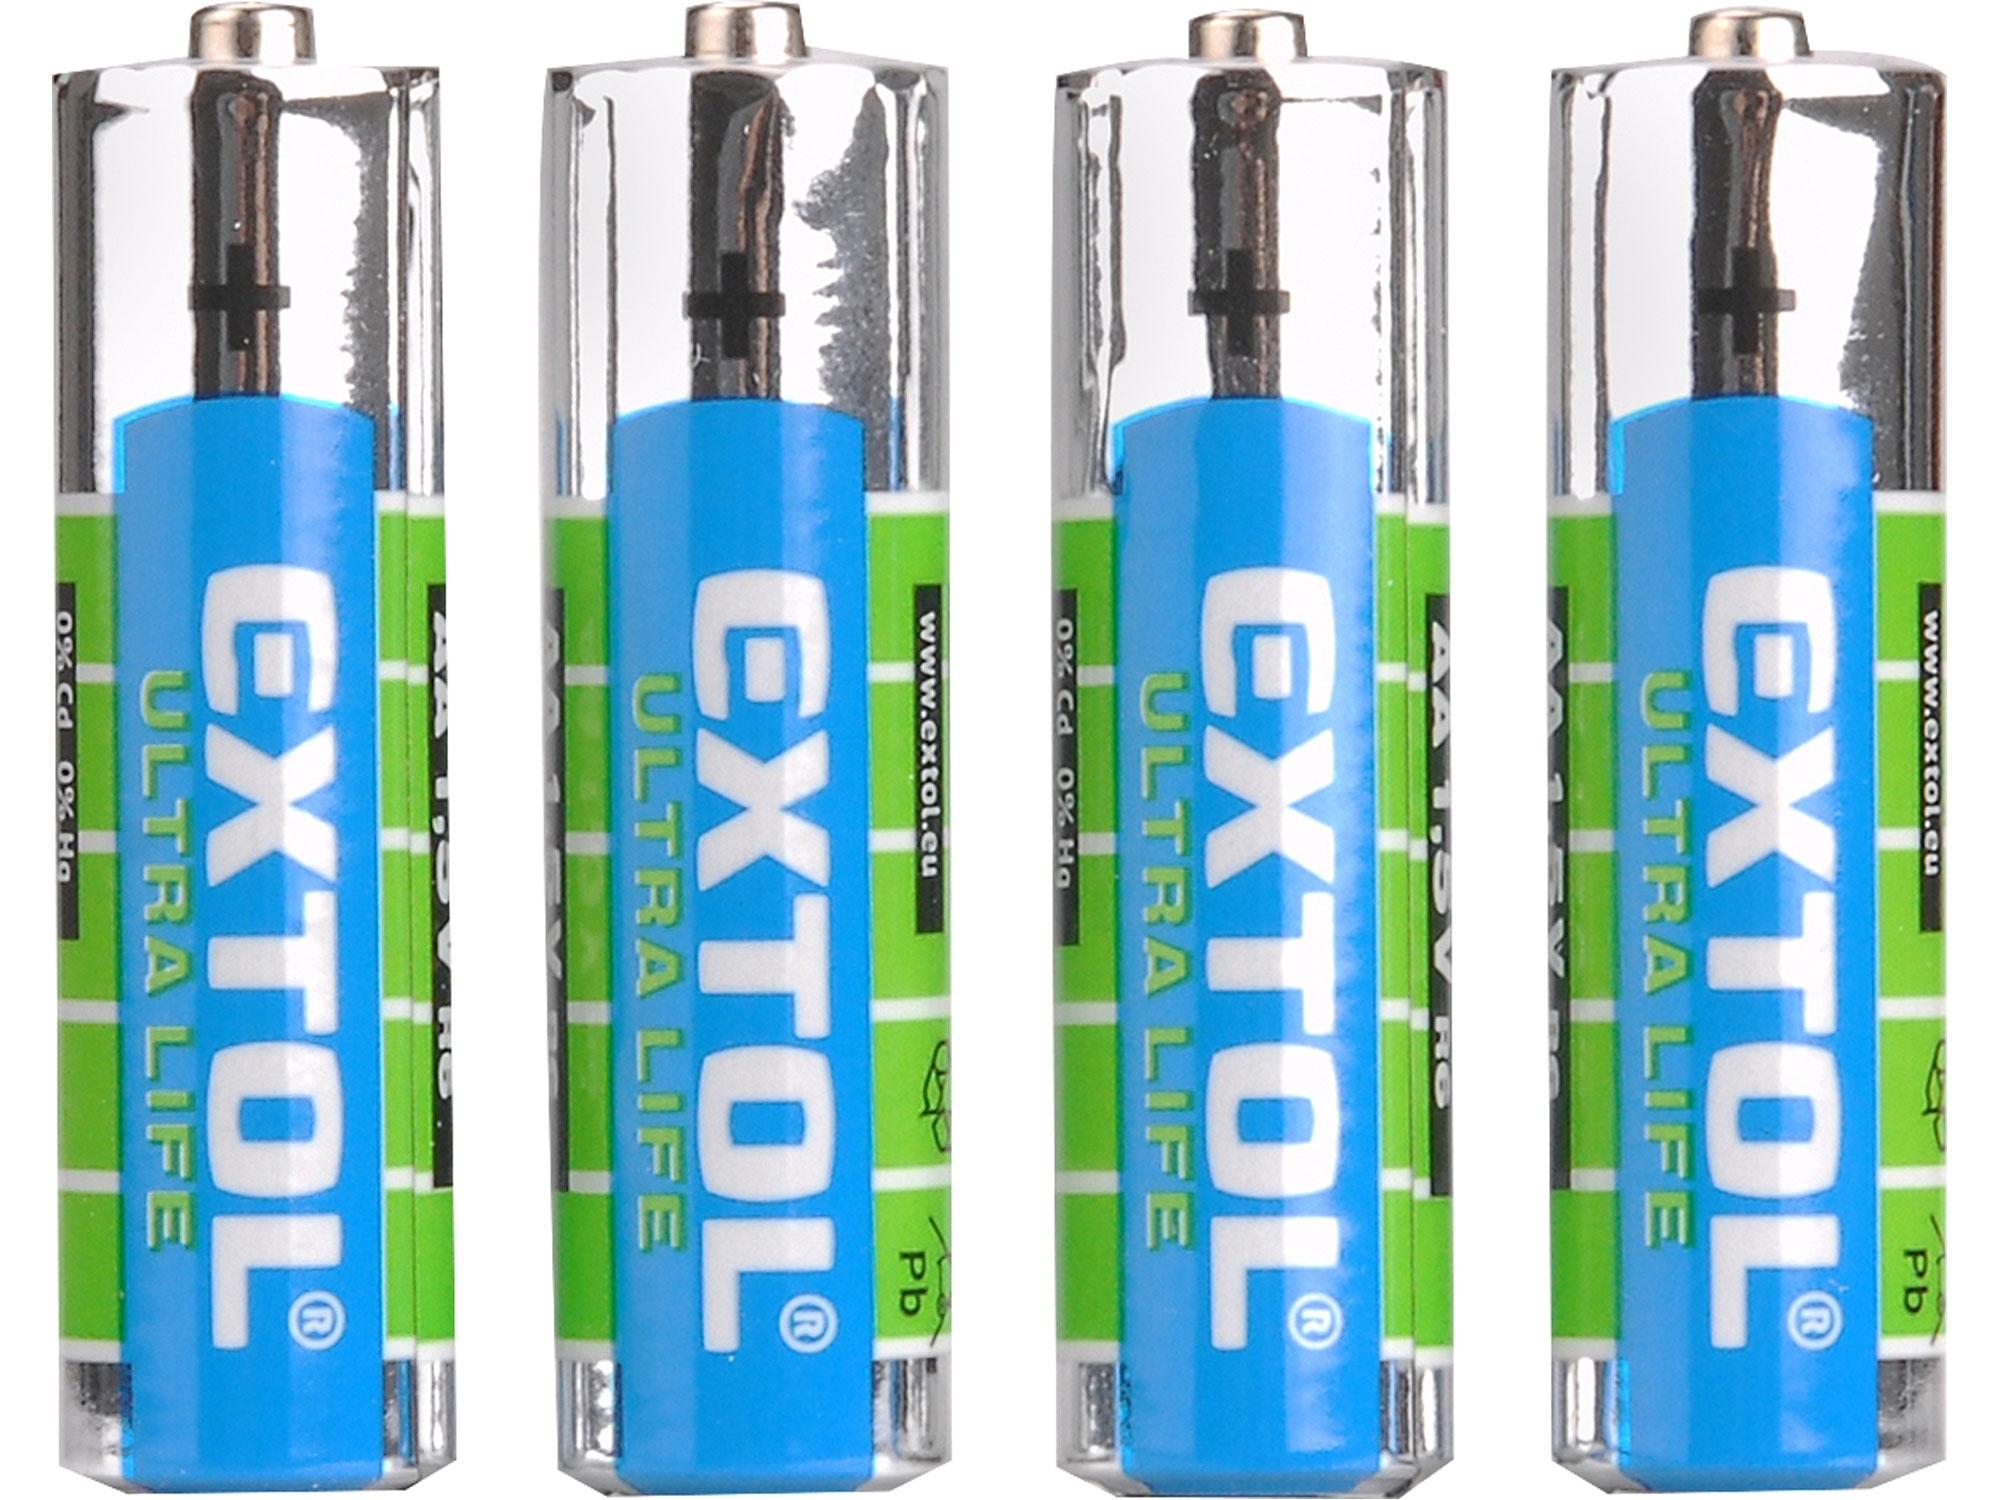 baterie zink-chloridové, 4ks, 1,5V AA (LR6), EXTOL ENERGY 42001